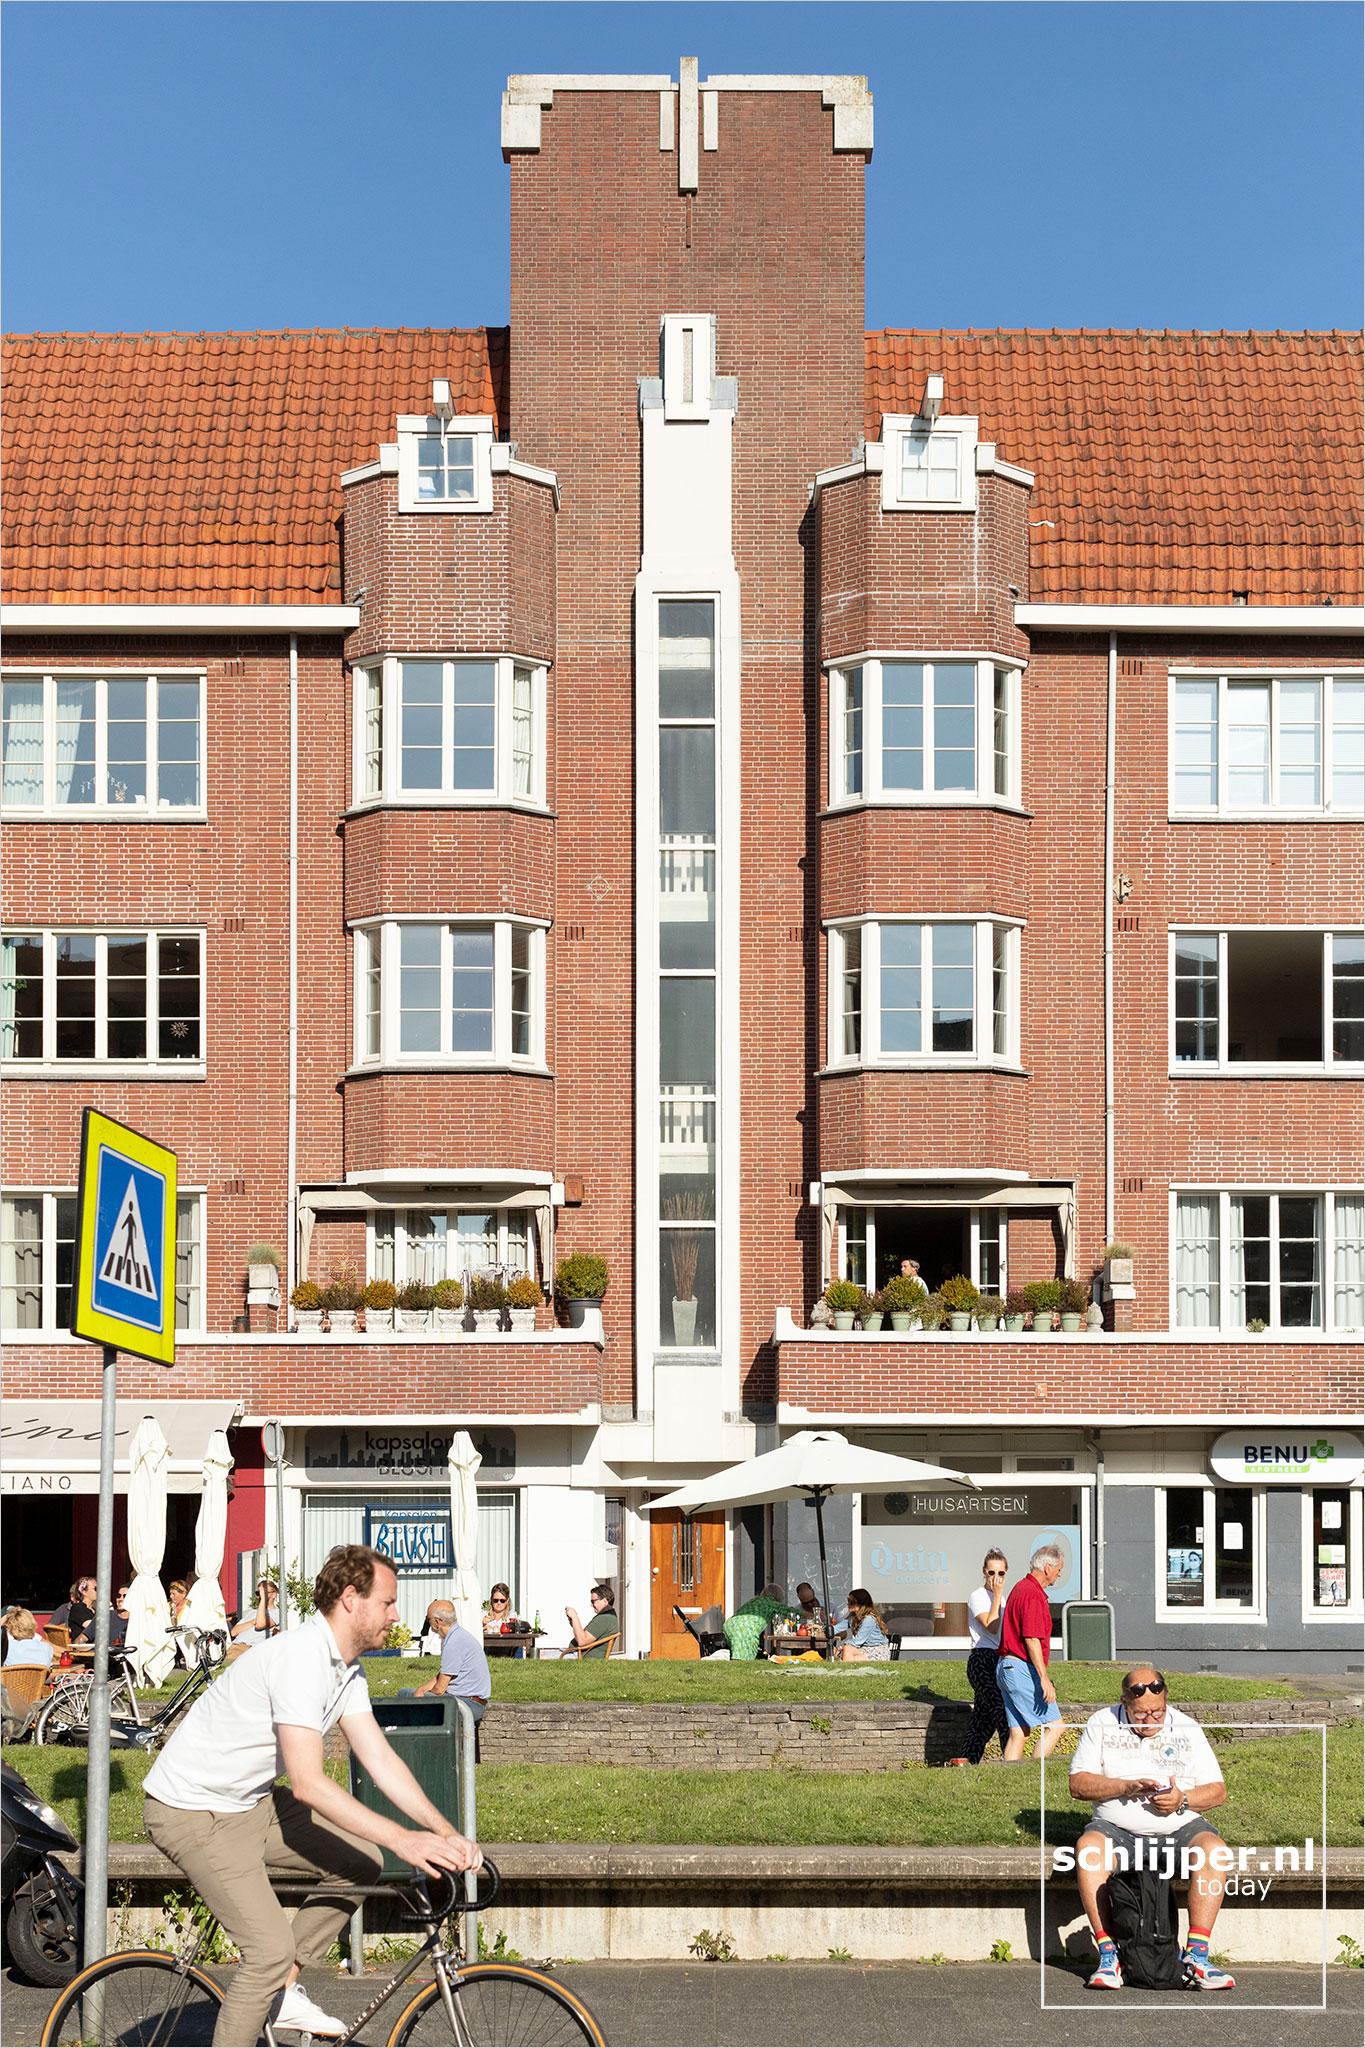 The Netherlands, Amsterdam, 5 september 2021